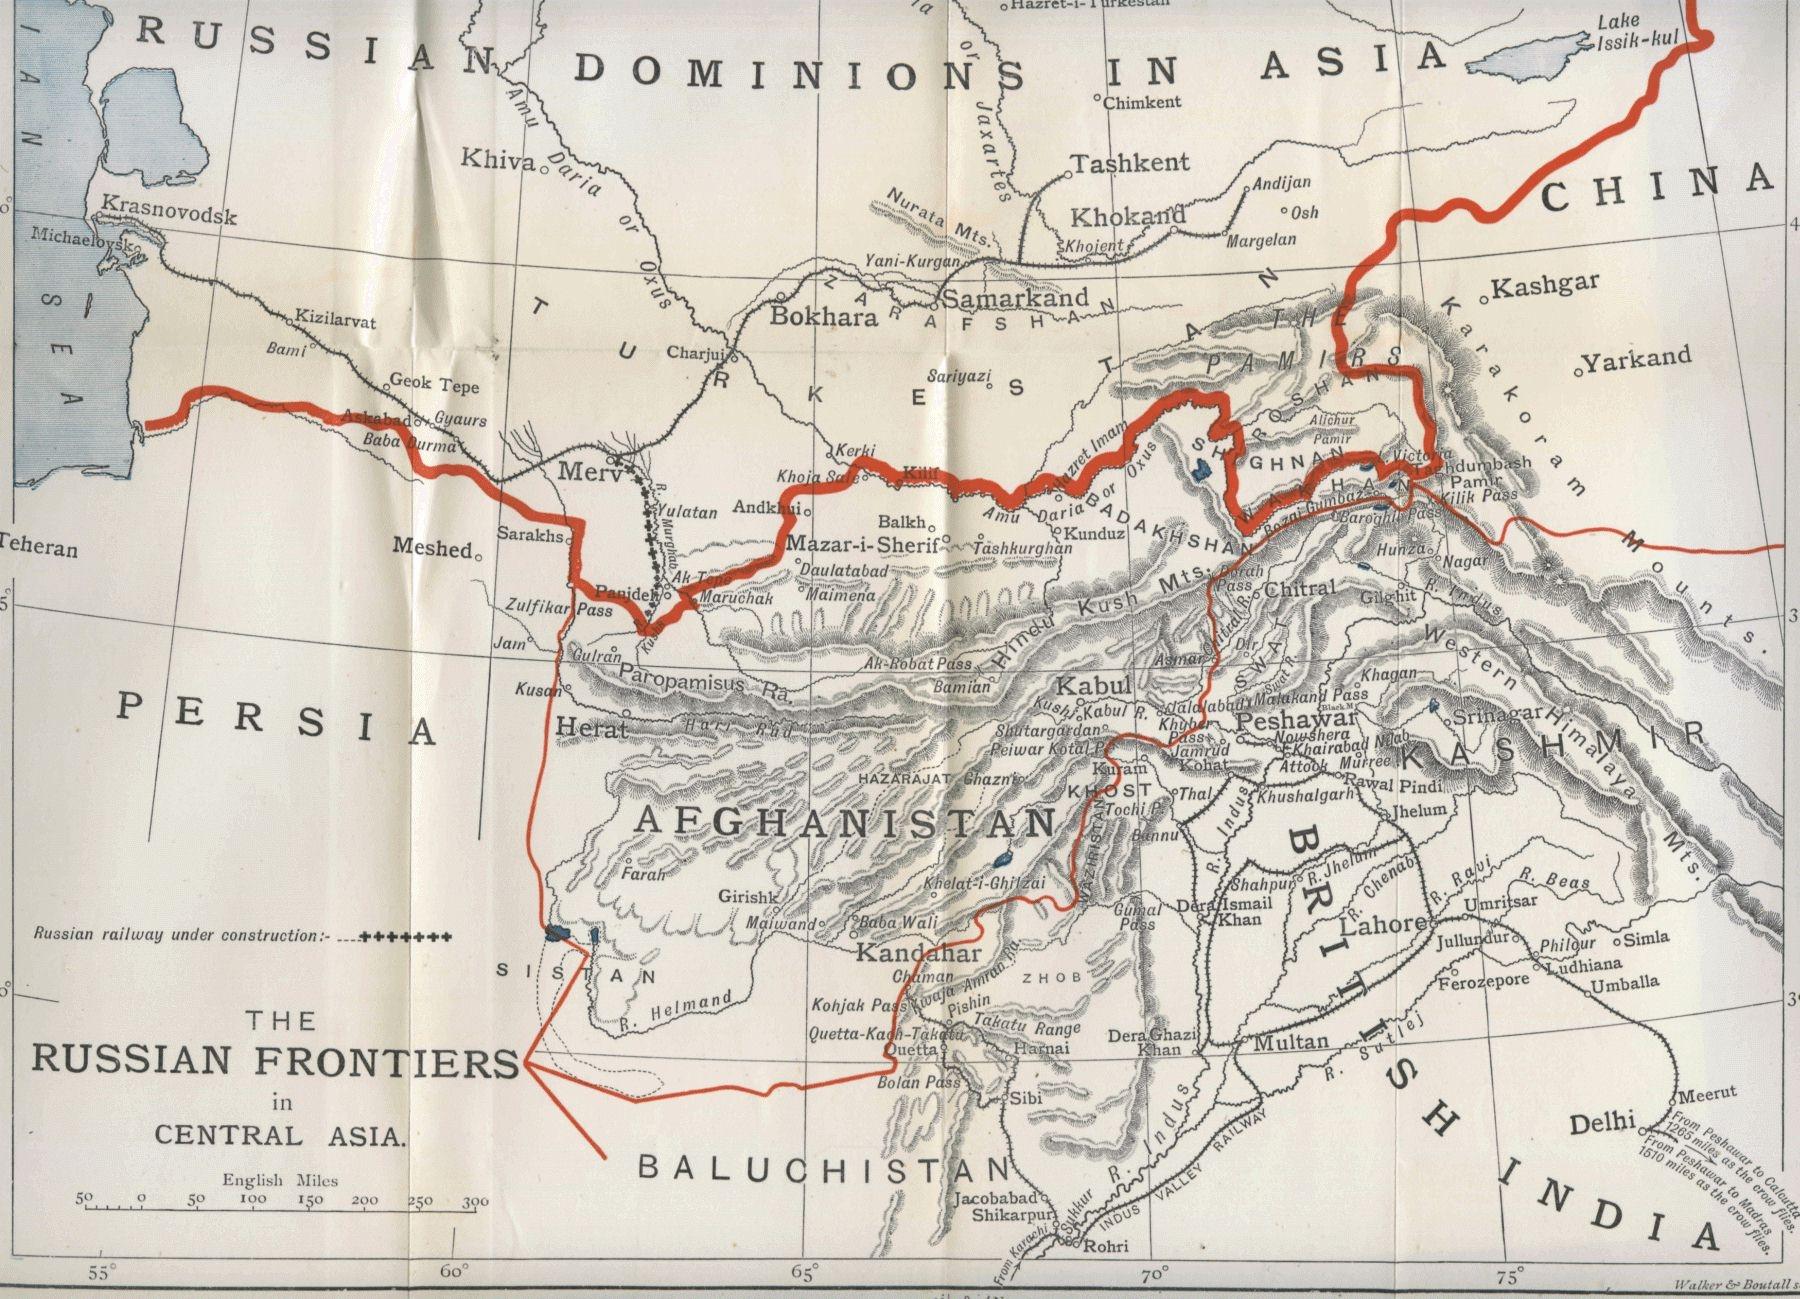 mapofindiaafghanistanrussiachinac18972